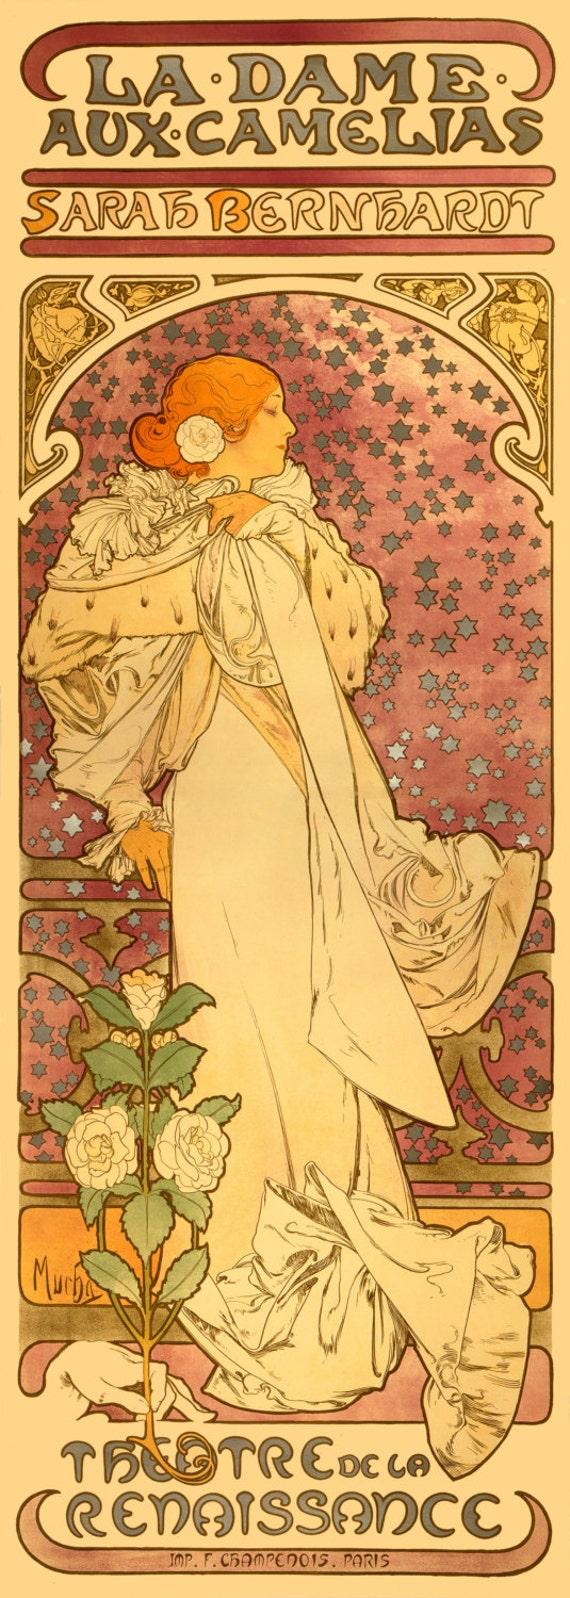 Sarah Bernhardt, Théâtre de la Renaissance